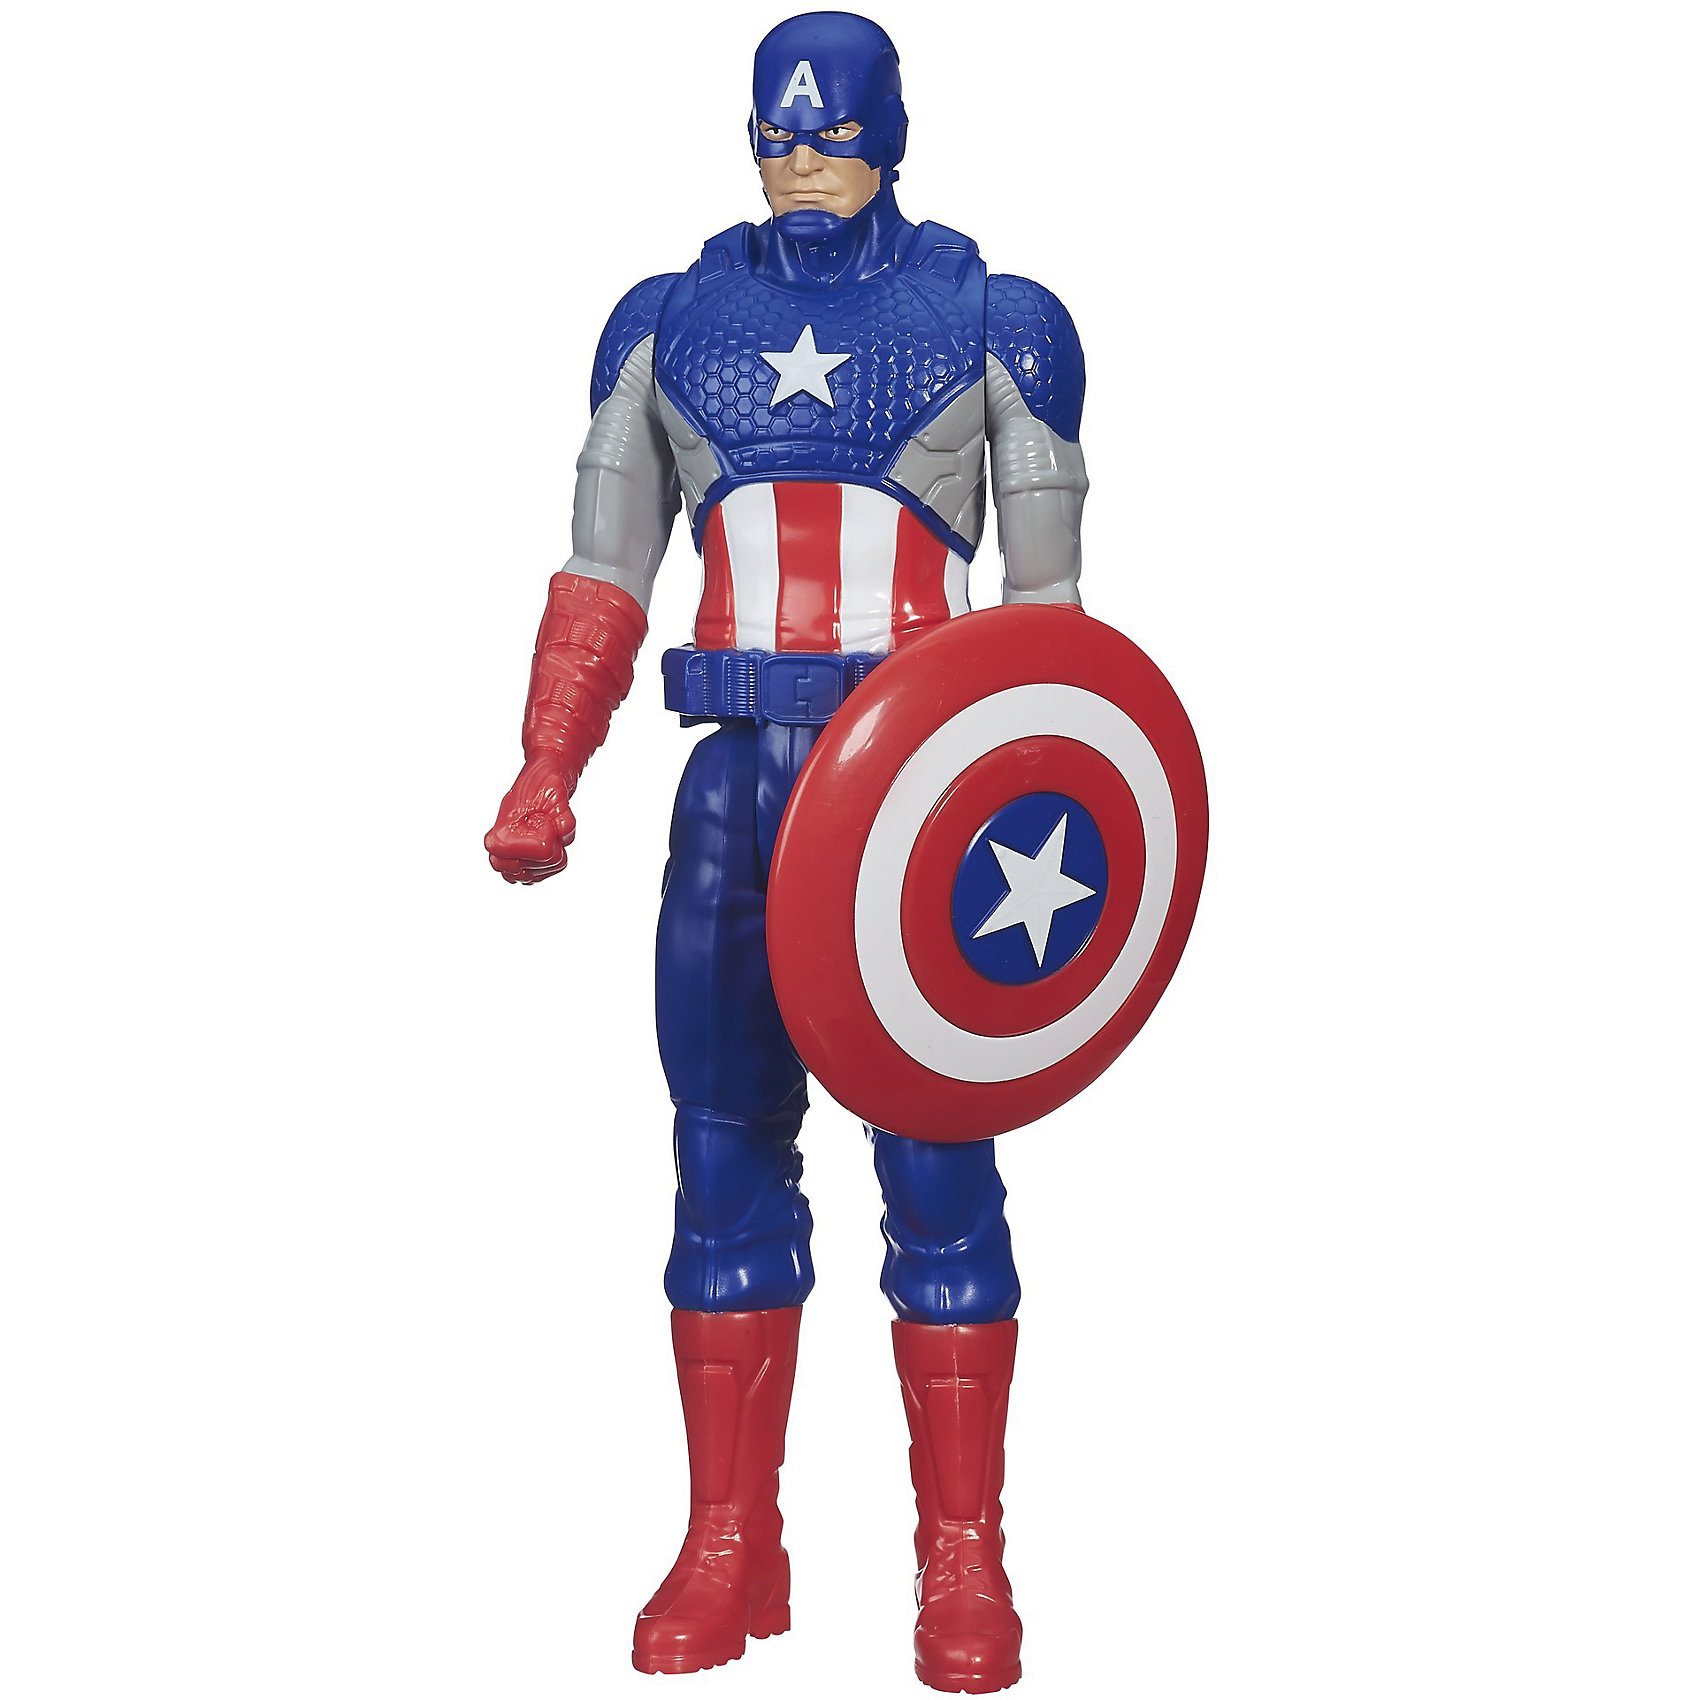 Фигурка Титаны: Капитан Америка, МстителиФигурки героев<br>Фигурка Капитана Америка станет приятным сюрпризом для вашего ребенка, особенно если он является поклонником популярных комиксов и фильмов о супергероях Мстители (Avengers). Капитан Америка - герой, силы которому придает сыворотка Супер-Солдата. Он одет в костюм, стилизованный под звездно-полосатый флаг США и держит в руках круглый щит. Фигурка имеет множество точек артикуляции, что позволяет ей приобретать самые реалистичные позы, выполнена из высококачественного пластика, прекрасно детализирована и реалистично раскрашена. Собери все фигурки титанов и погрузись в увлекательную игру вместе с любимыми героями! <br><br>Дополнительная информация: <br><br>- Материал: пластик.<br>- Размер: 30 см.<br>- Голова, руки, ноги подвижные. <br><br>Фигурку Титаны: Капитан Америка, Мстители, можно купить в нашем магазине.<br><br>Ширина мм: 306<br>Глубина мм: 104<br>Высота мм: 55<br>Вес г: 258<br>Возраст от месяцев: 48<br>Возраст до месяцев: 96<br>Пол: Мужской<br>Возраст: Детский<br>SKU: 4702913